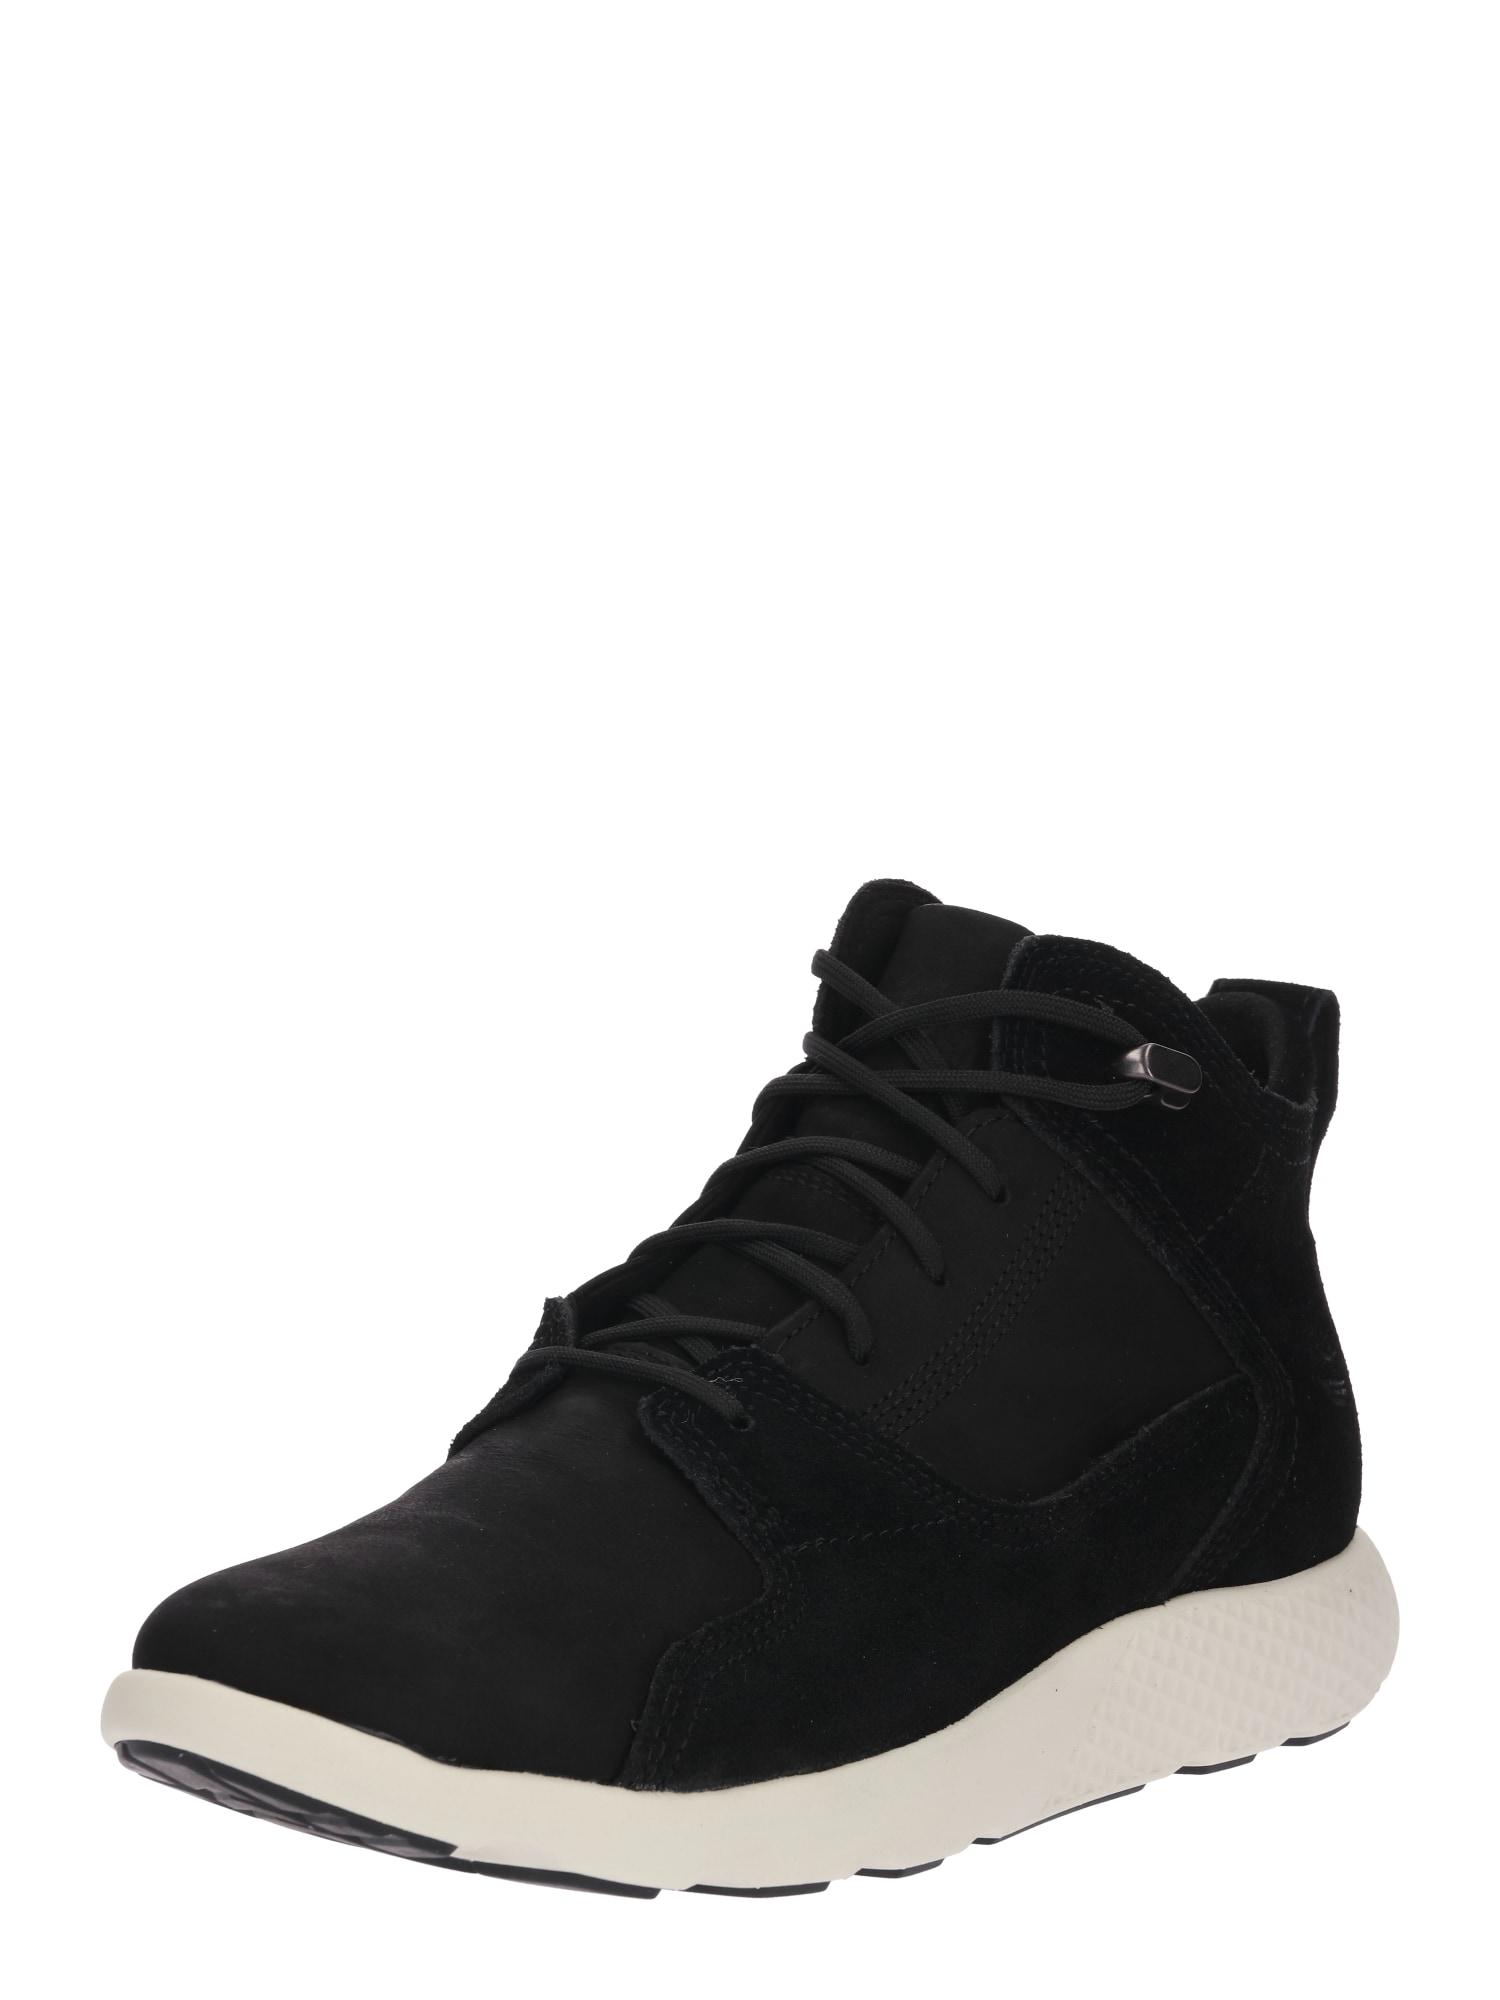 Sportovní šněrovací boty FlyRoam černá TIMBERLAND